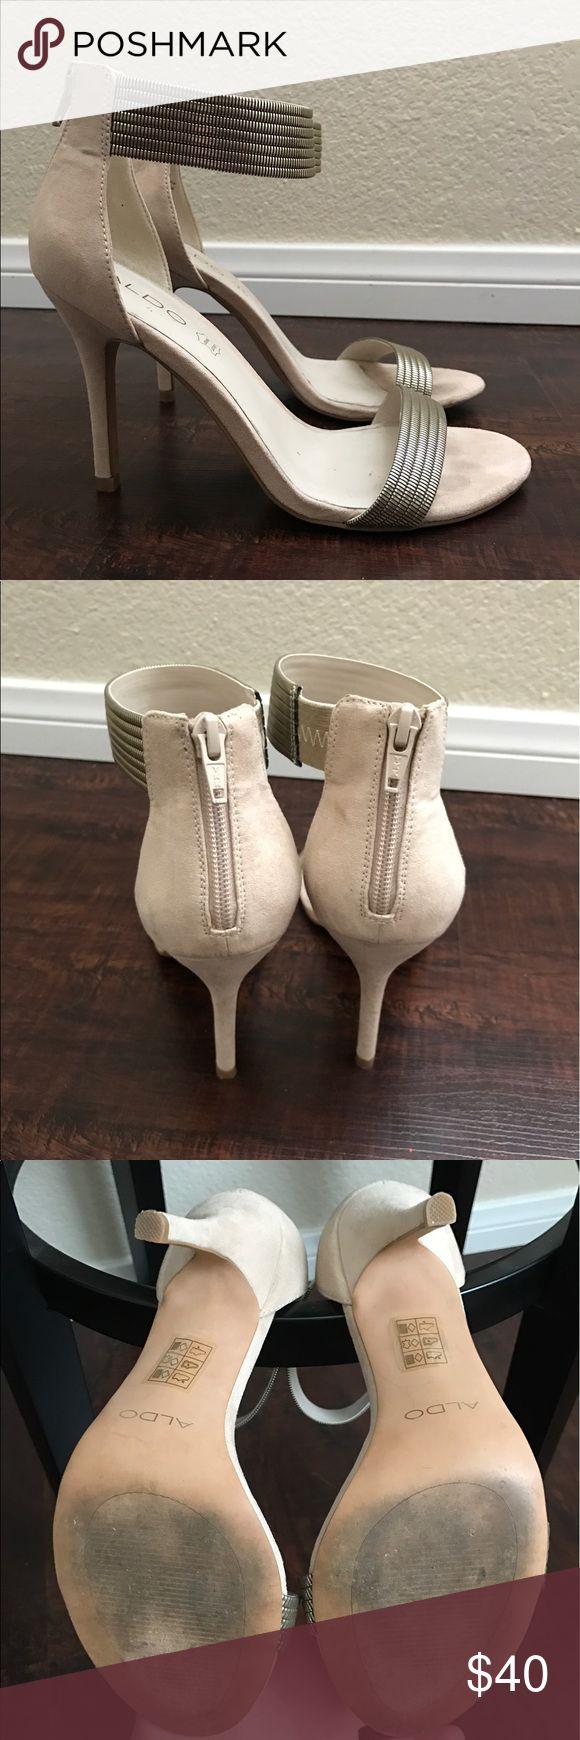 ALDO heels with gold metal detailing Beige heel with gold metal details. Worn once for a wedding. Aldo Shoes Heels